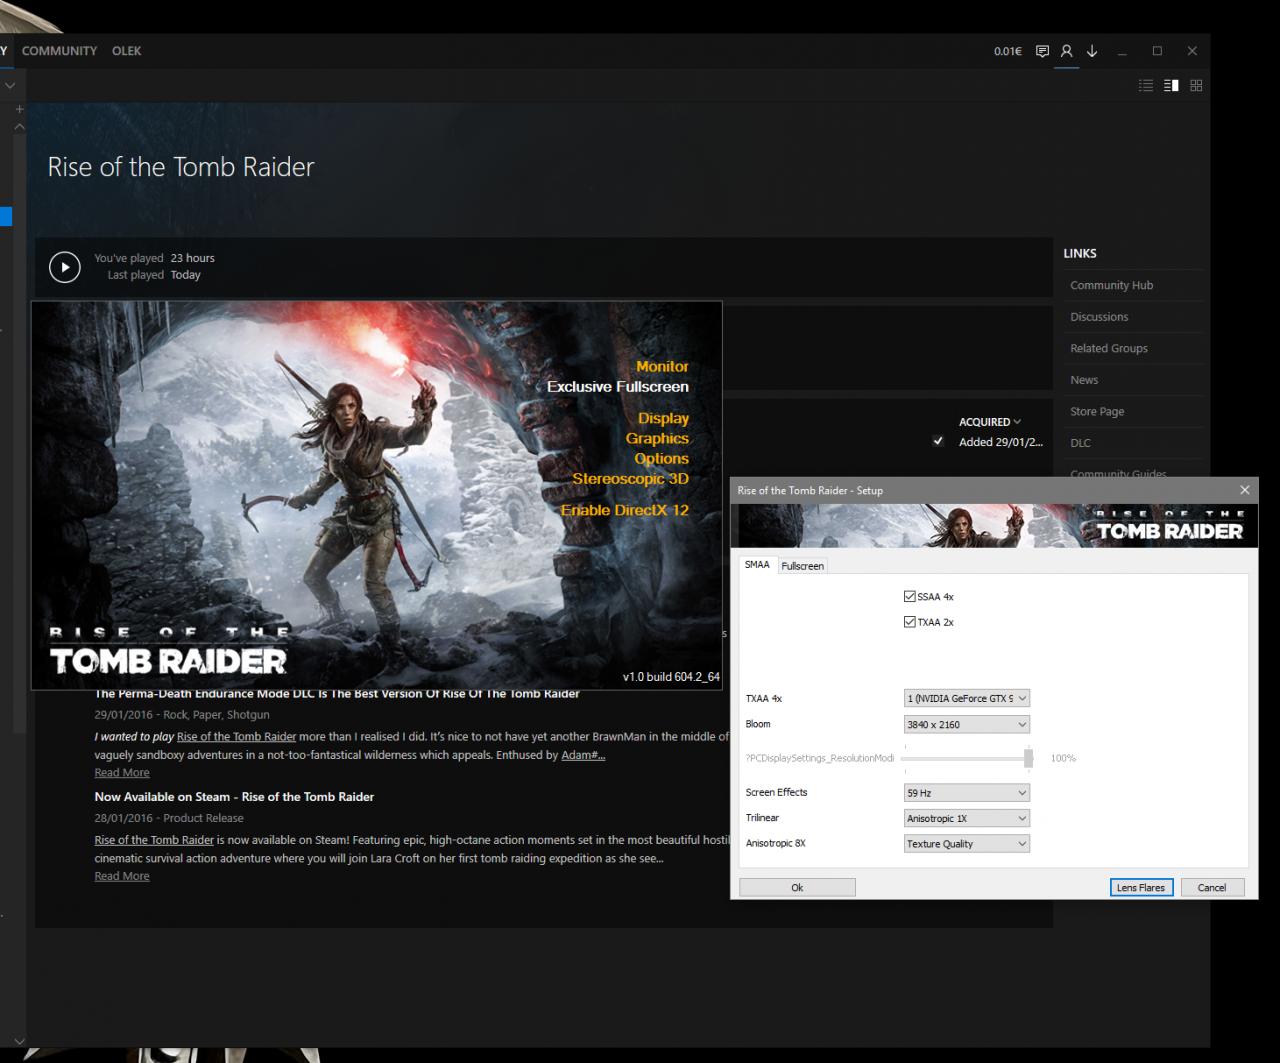 Rise of the Tomb Raider для PC может получить поддержку DirectX 12